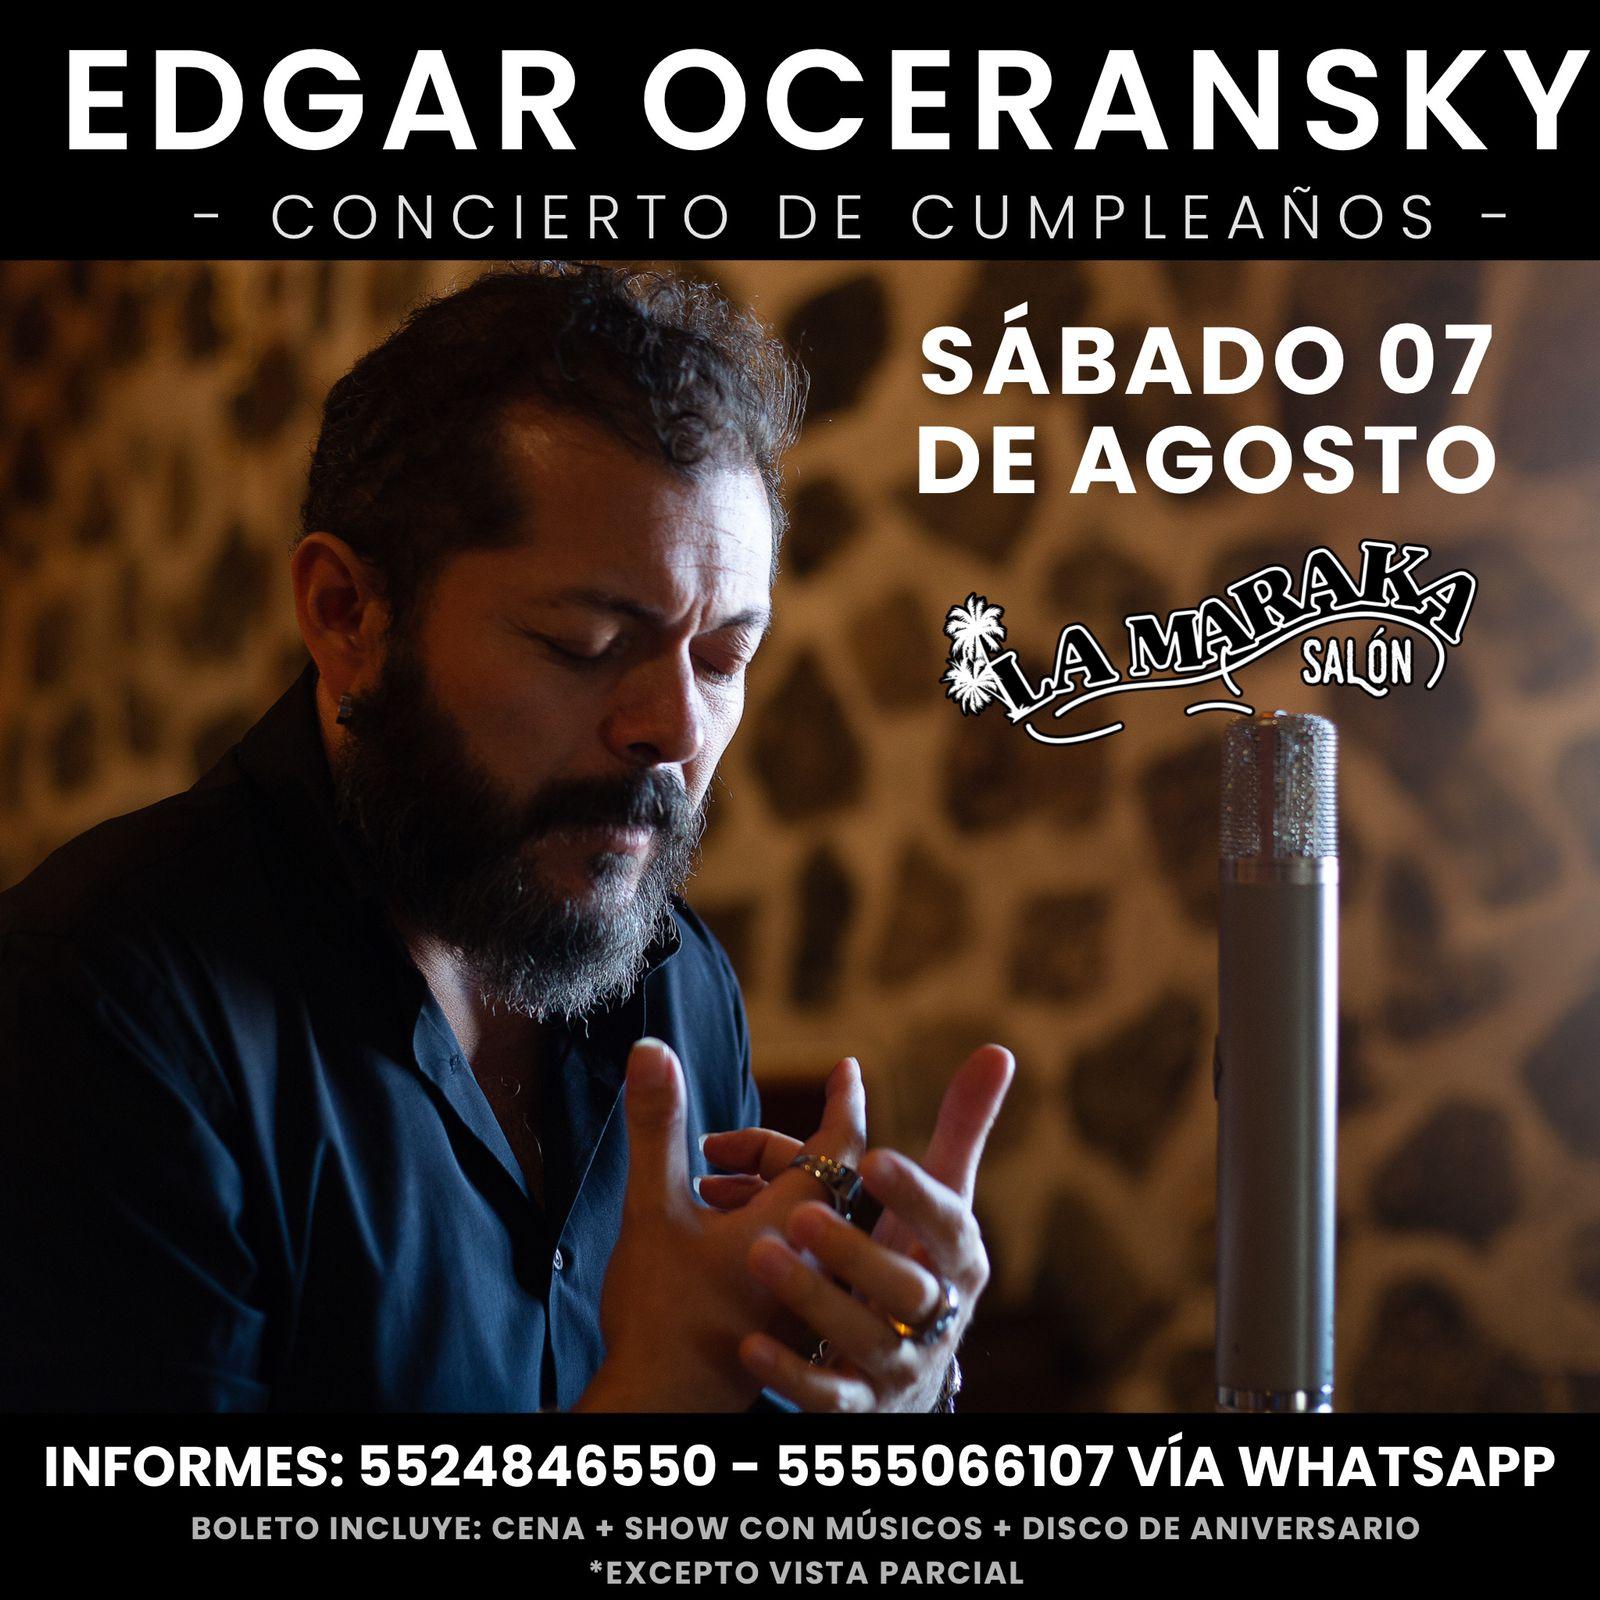 AGOSTO EDGAR OCERANSKY EN LA MARAKA